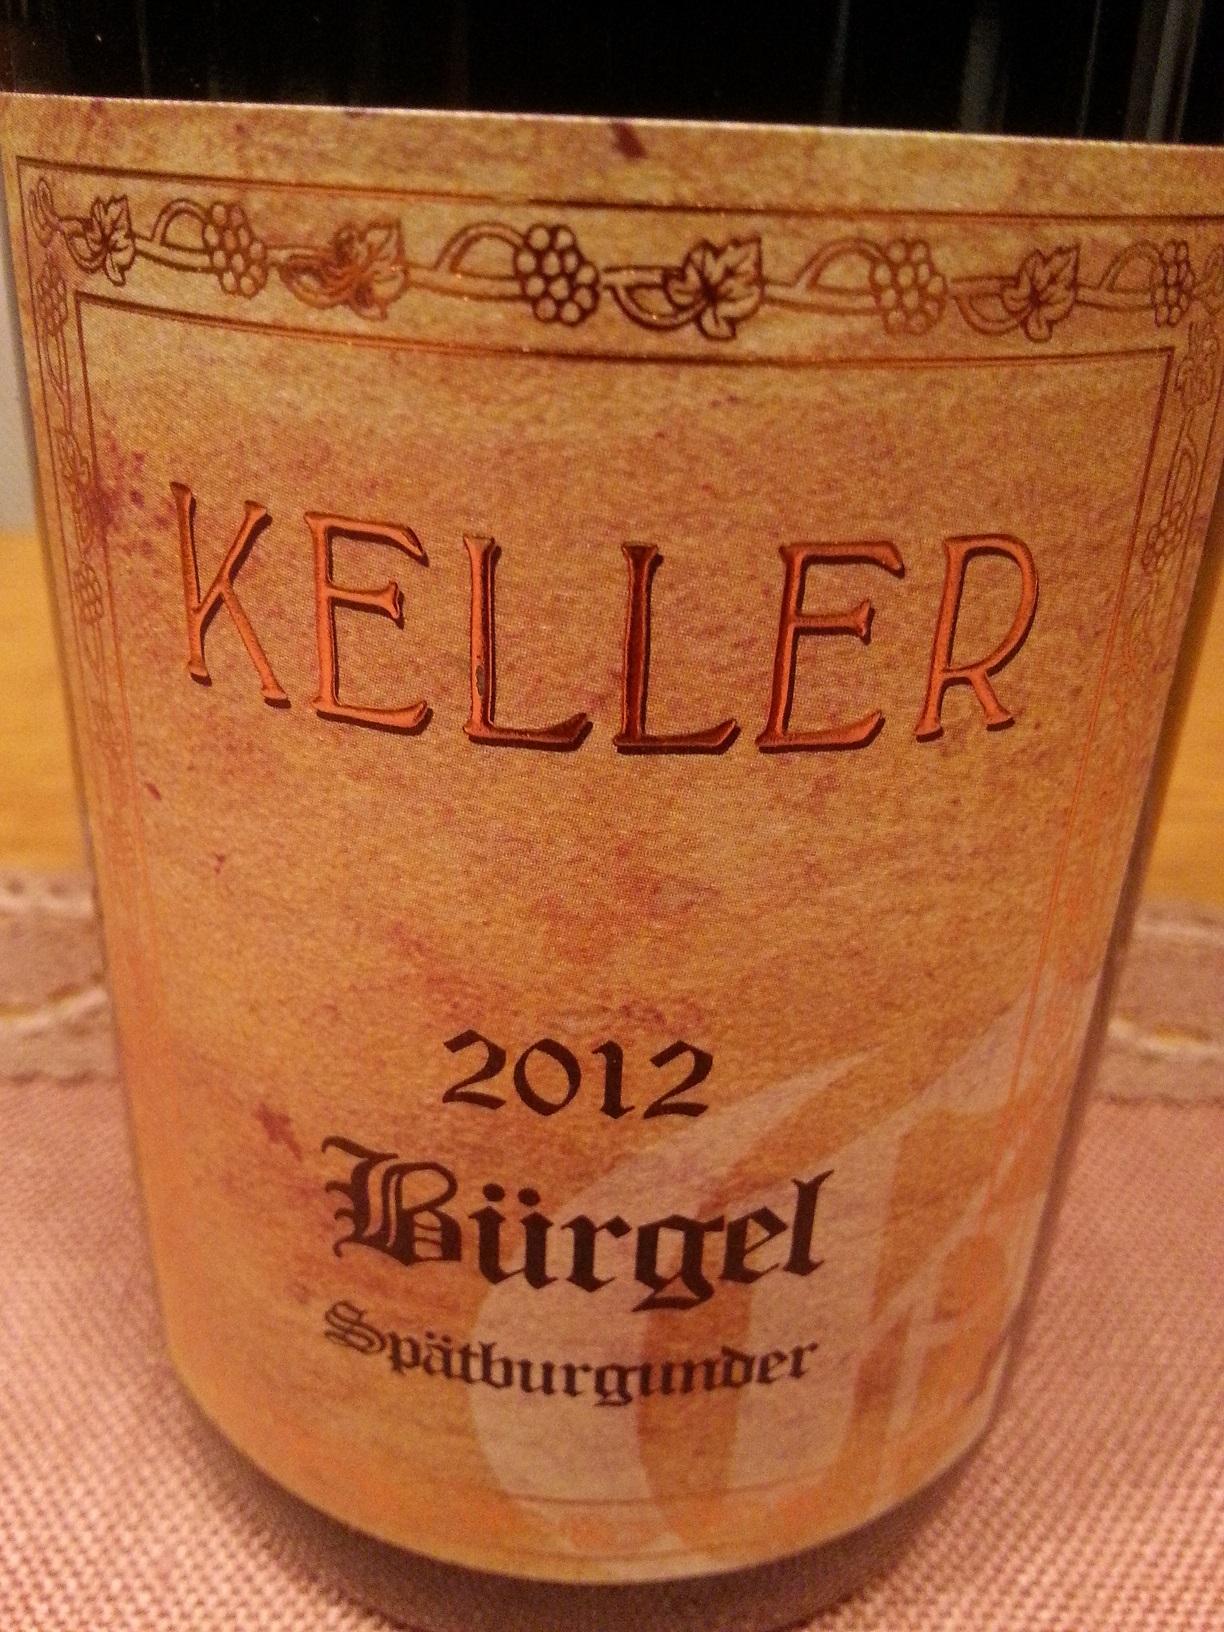 2012 Spätburgunder Bürgel GG | Keller